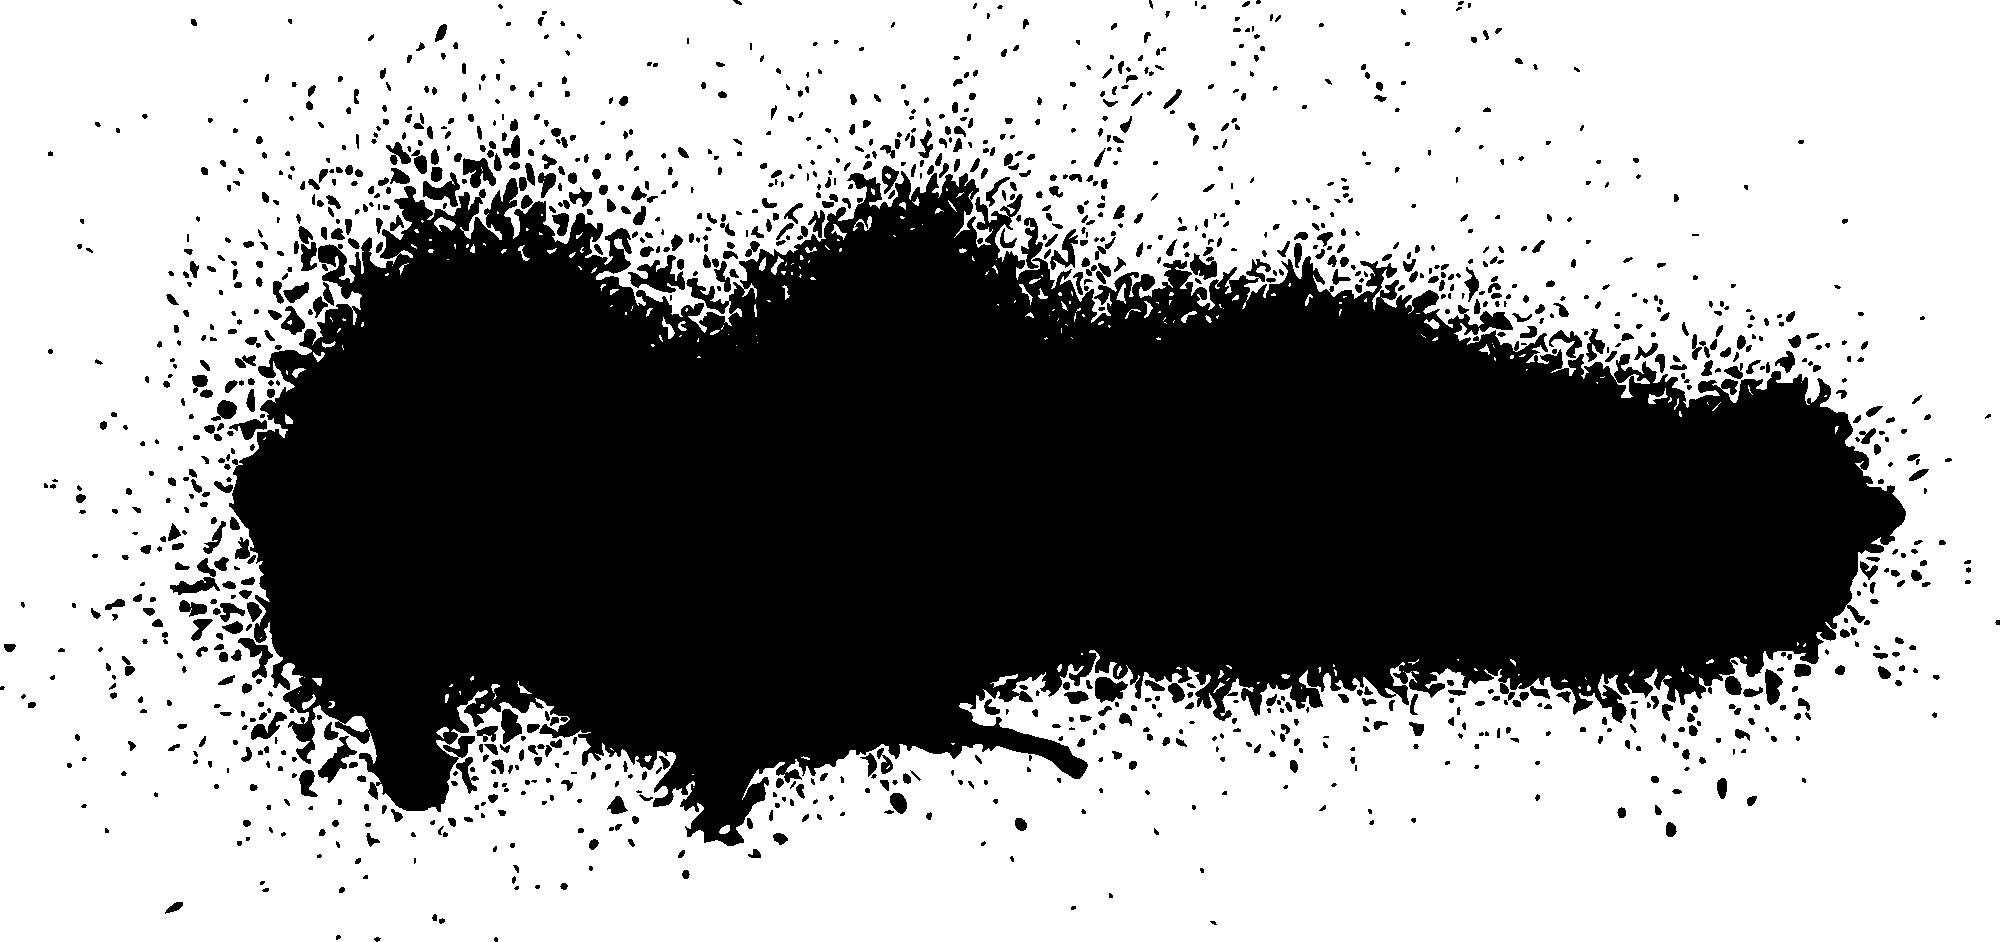 26 Grunge Spray Paint Stroke Banner (PNG Transparent, SVG.